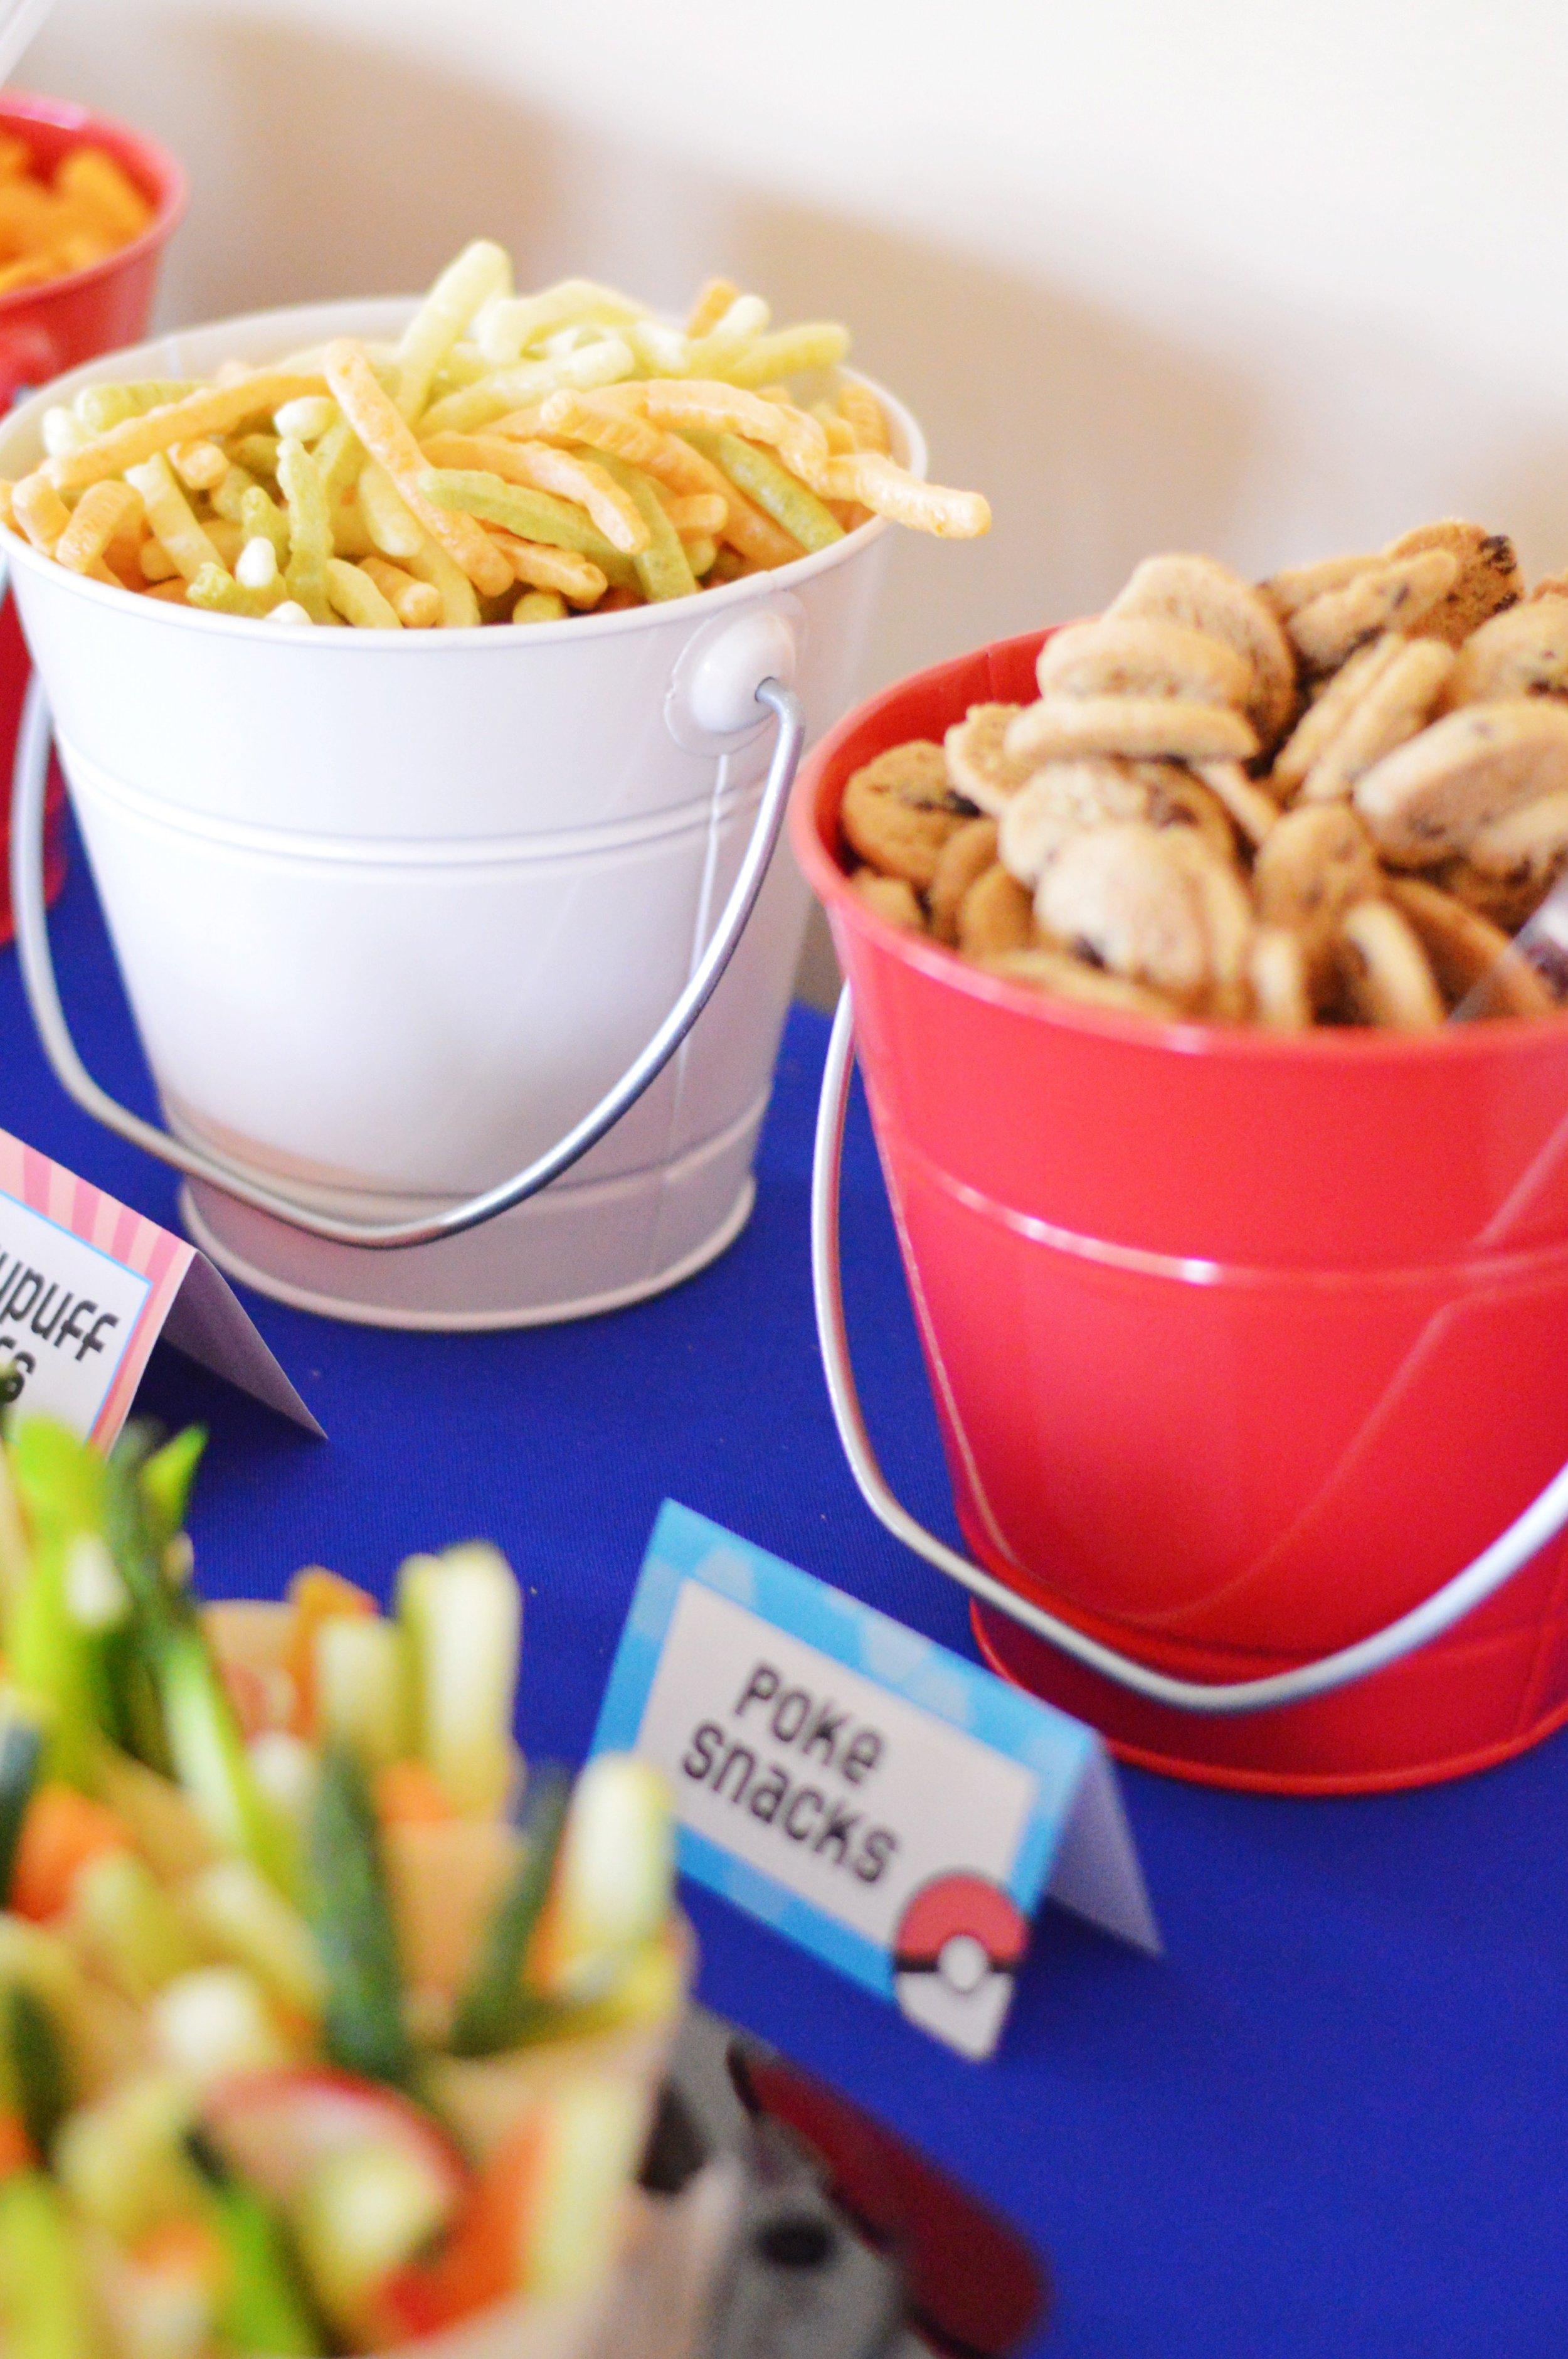 Snack Table.JPG